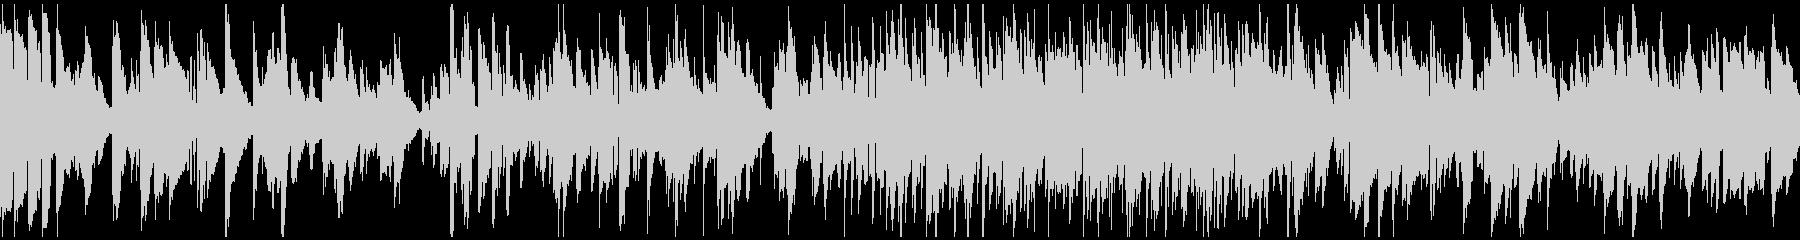 ソフトなリラックスジャズ ※ループ仕様版の未再生の波形